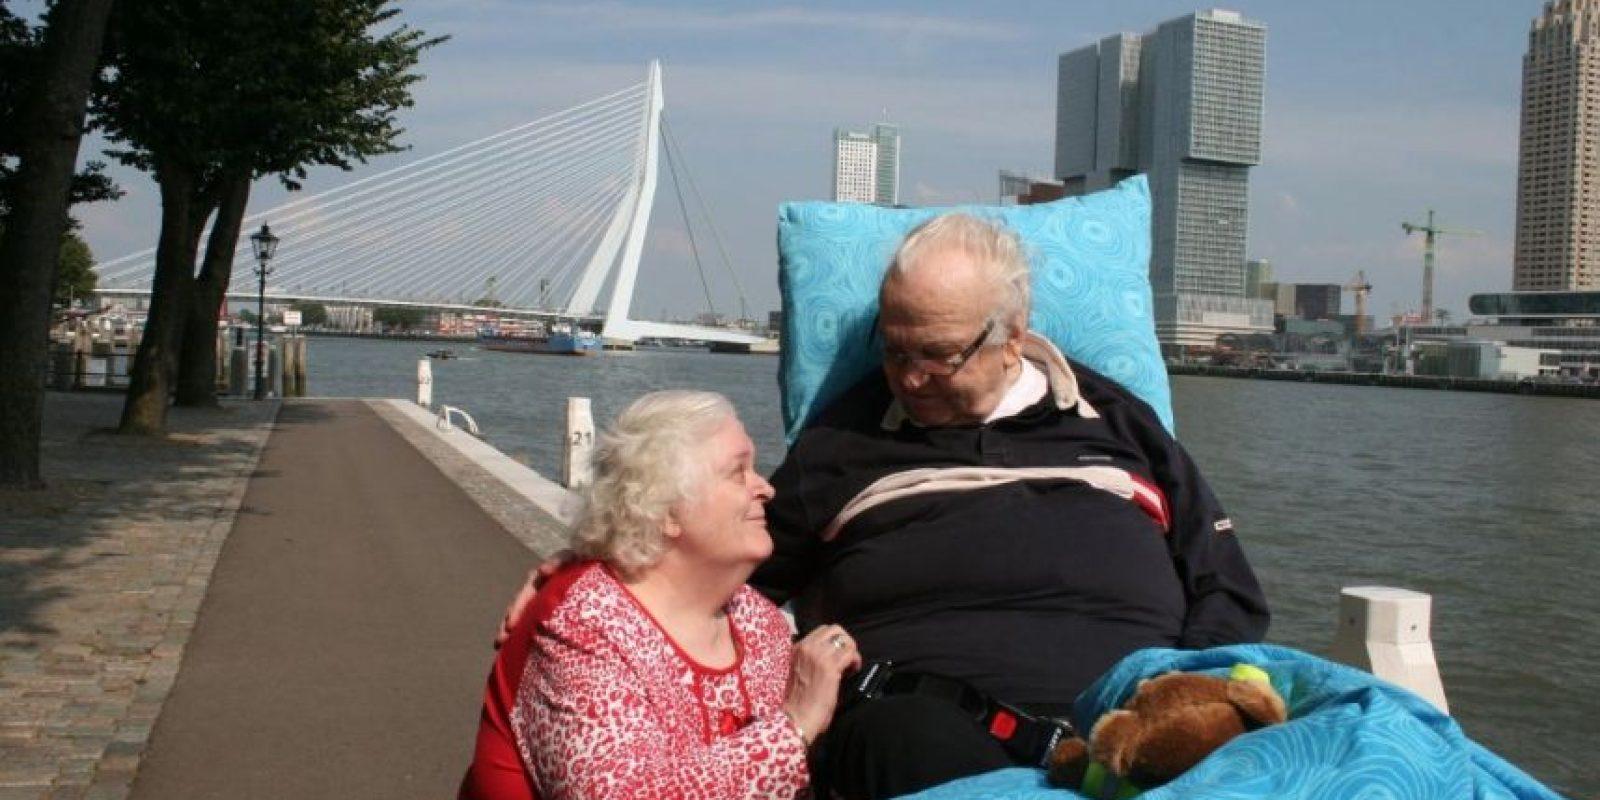 Salir con su amada a la calle. Foto:Vía Facebook.com/wensenrijders